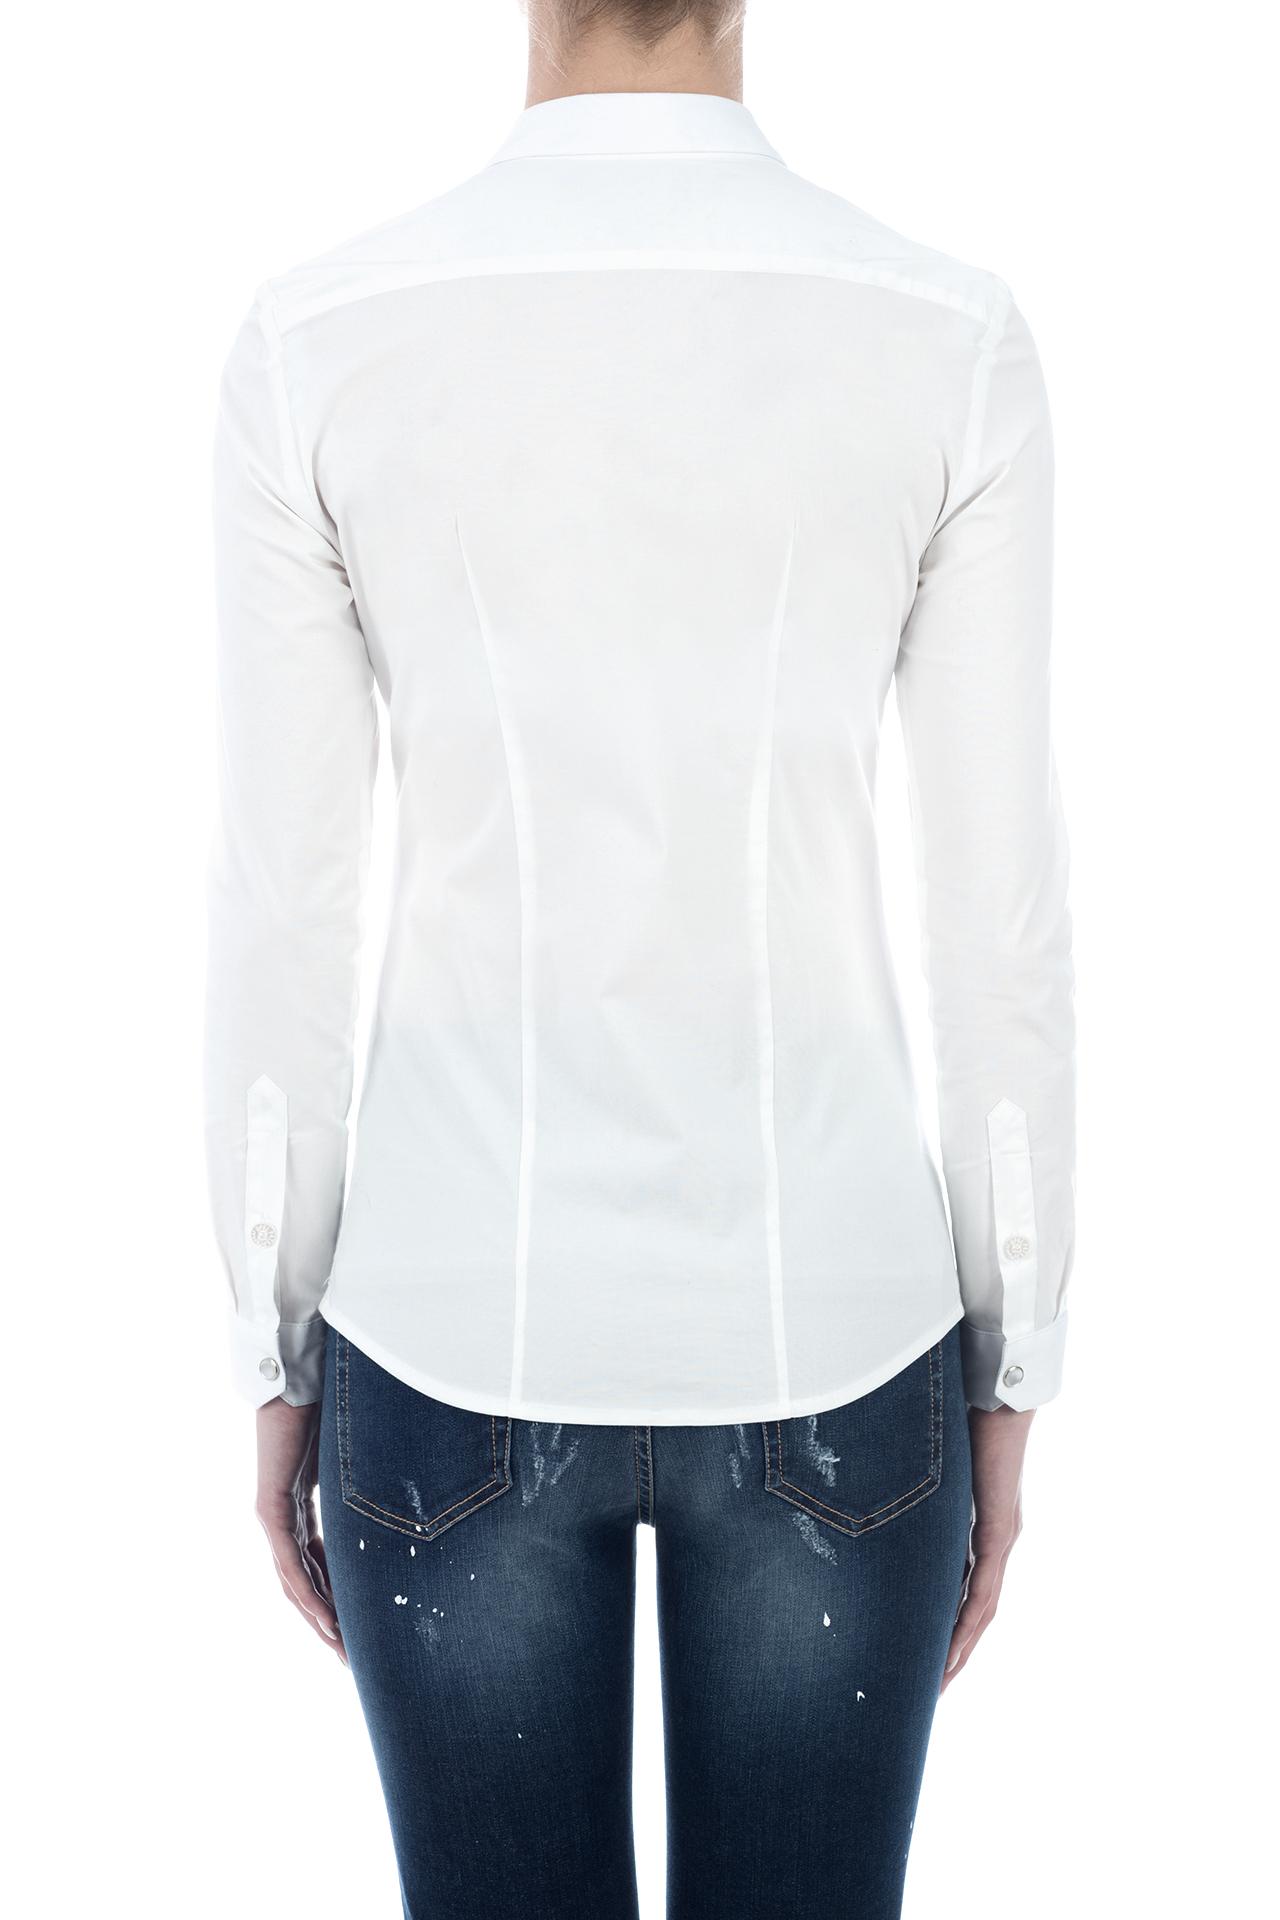 SHIRT CLASSIC WHITE 3